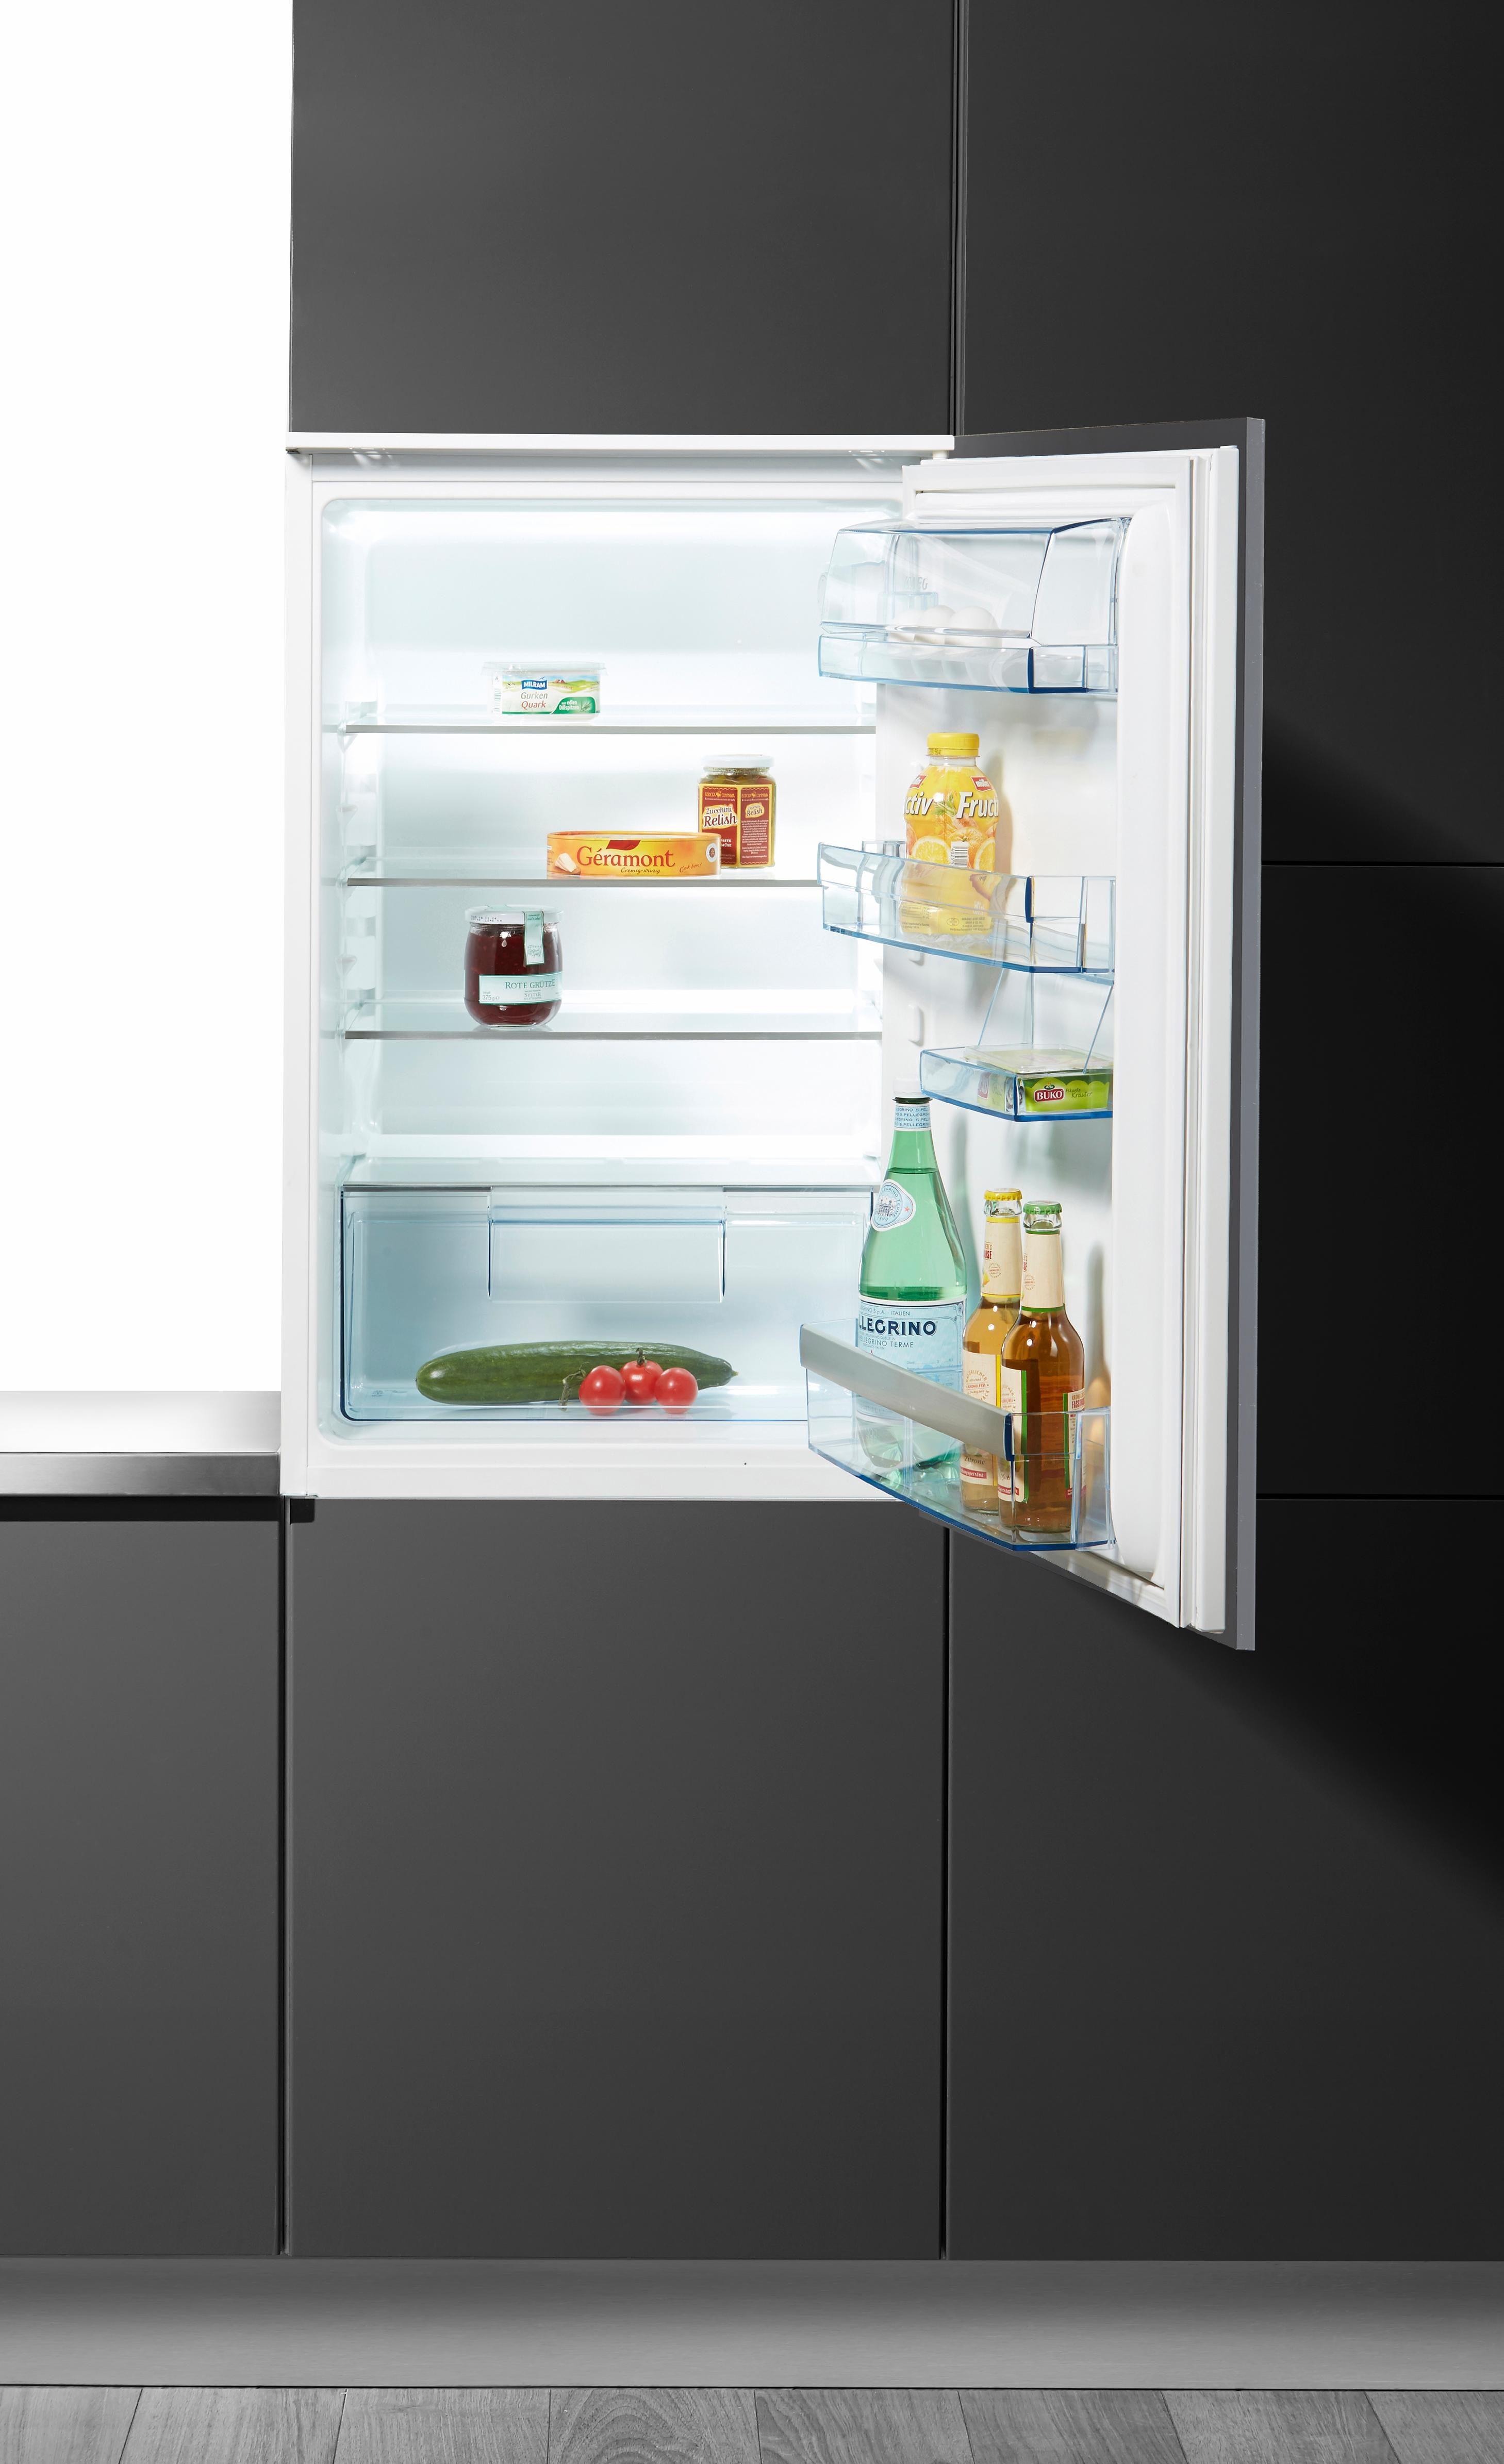 AEG integrierbarer Einbaukühlschrank SKA68800S3, Energieklasse A++, 88 cm hoch